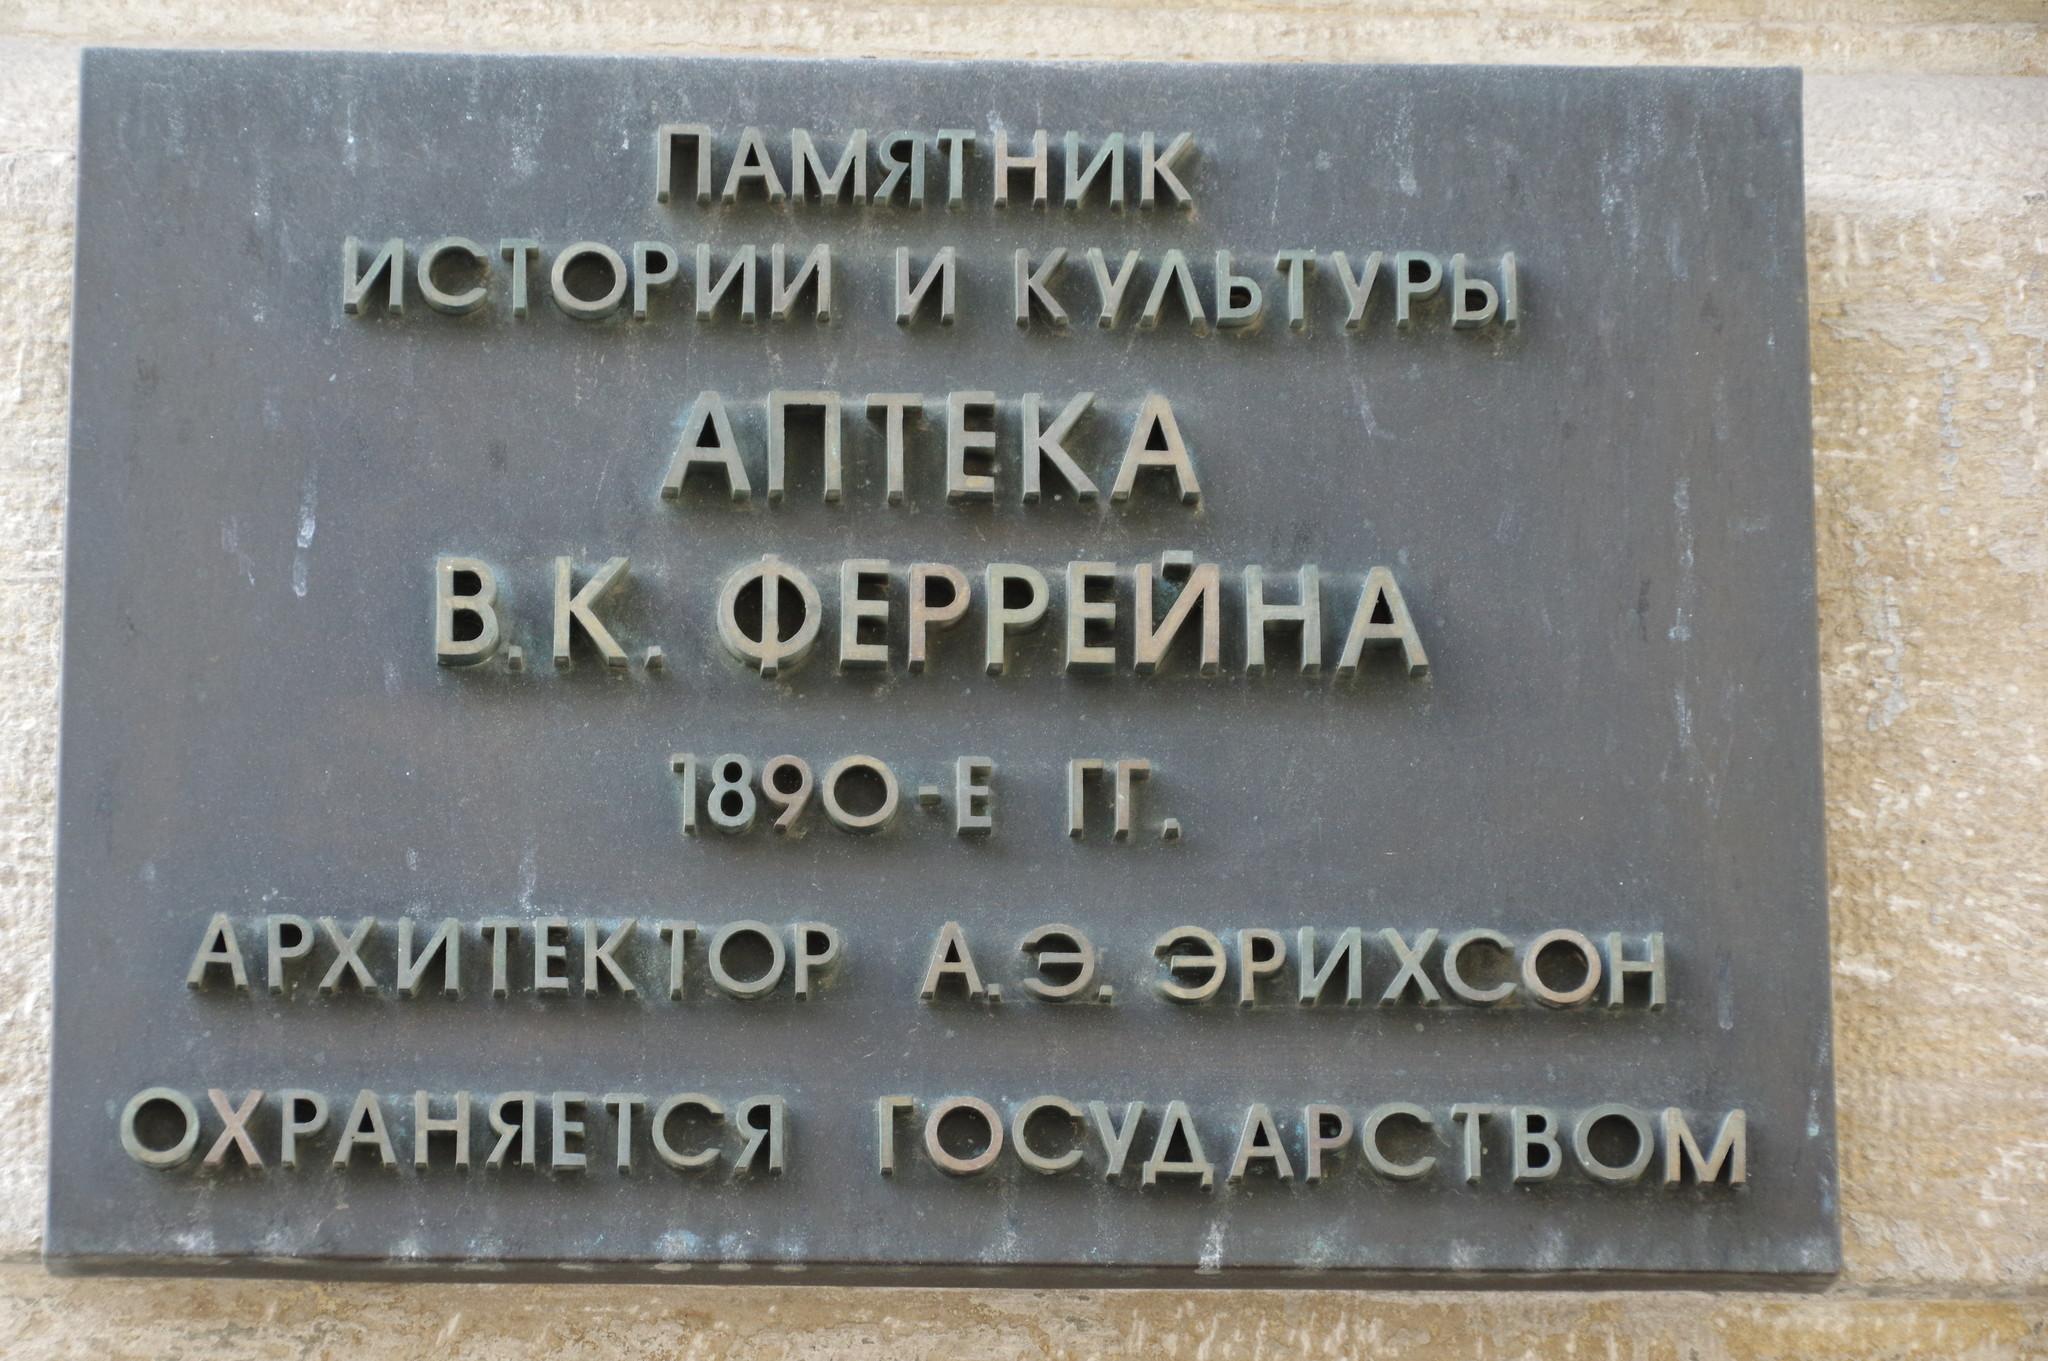 Аптека В.К. Феррейра (Никольская улица, дом 19-21)